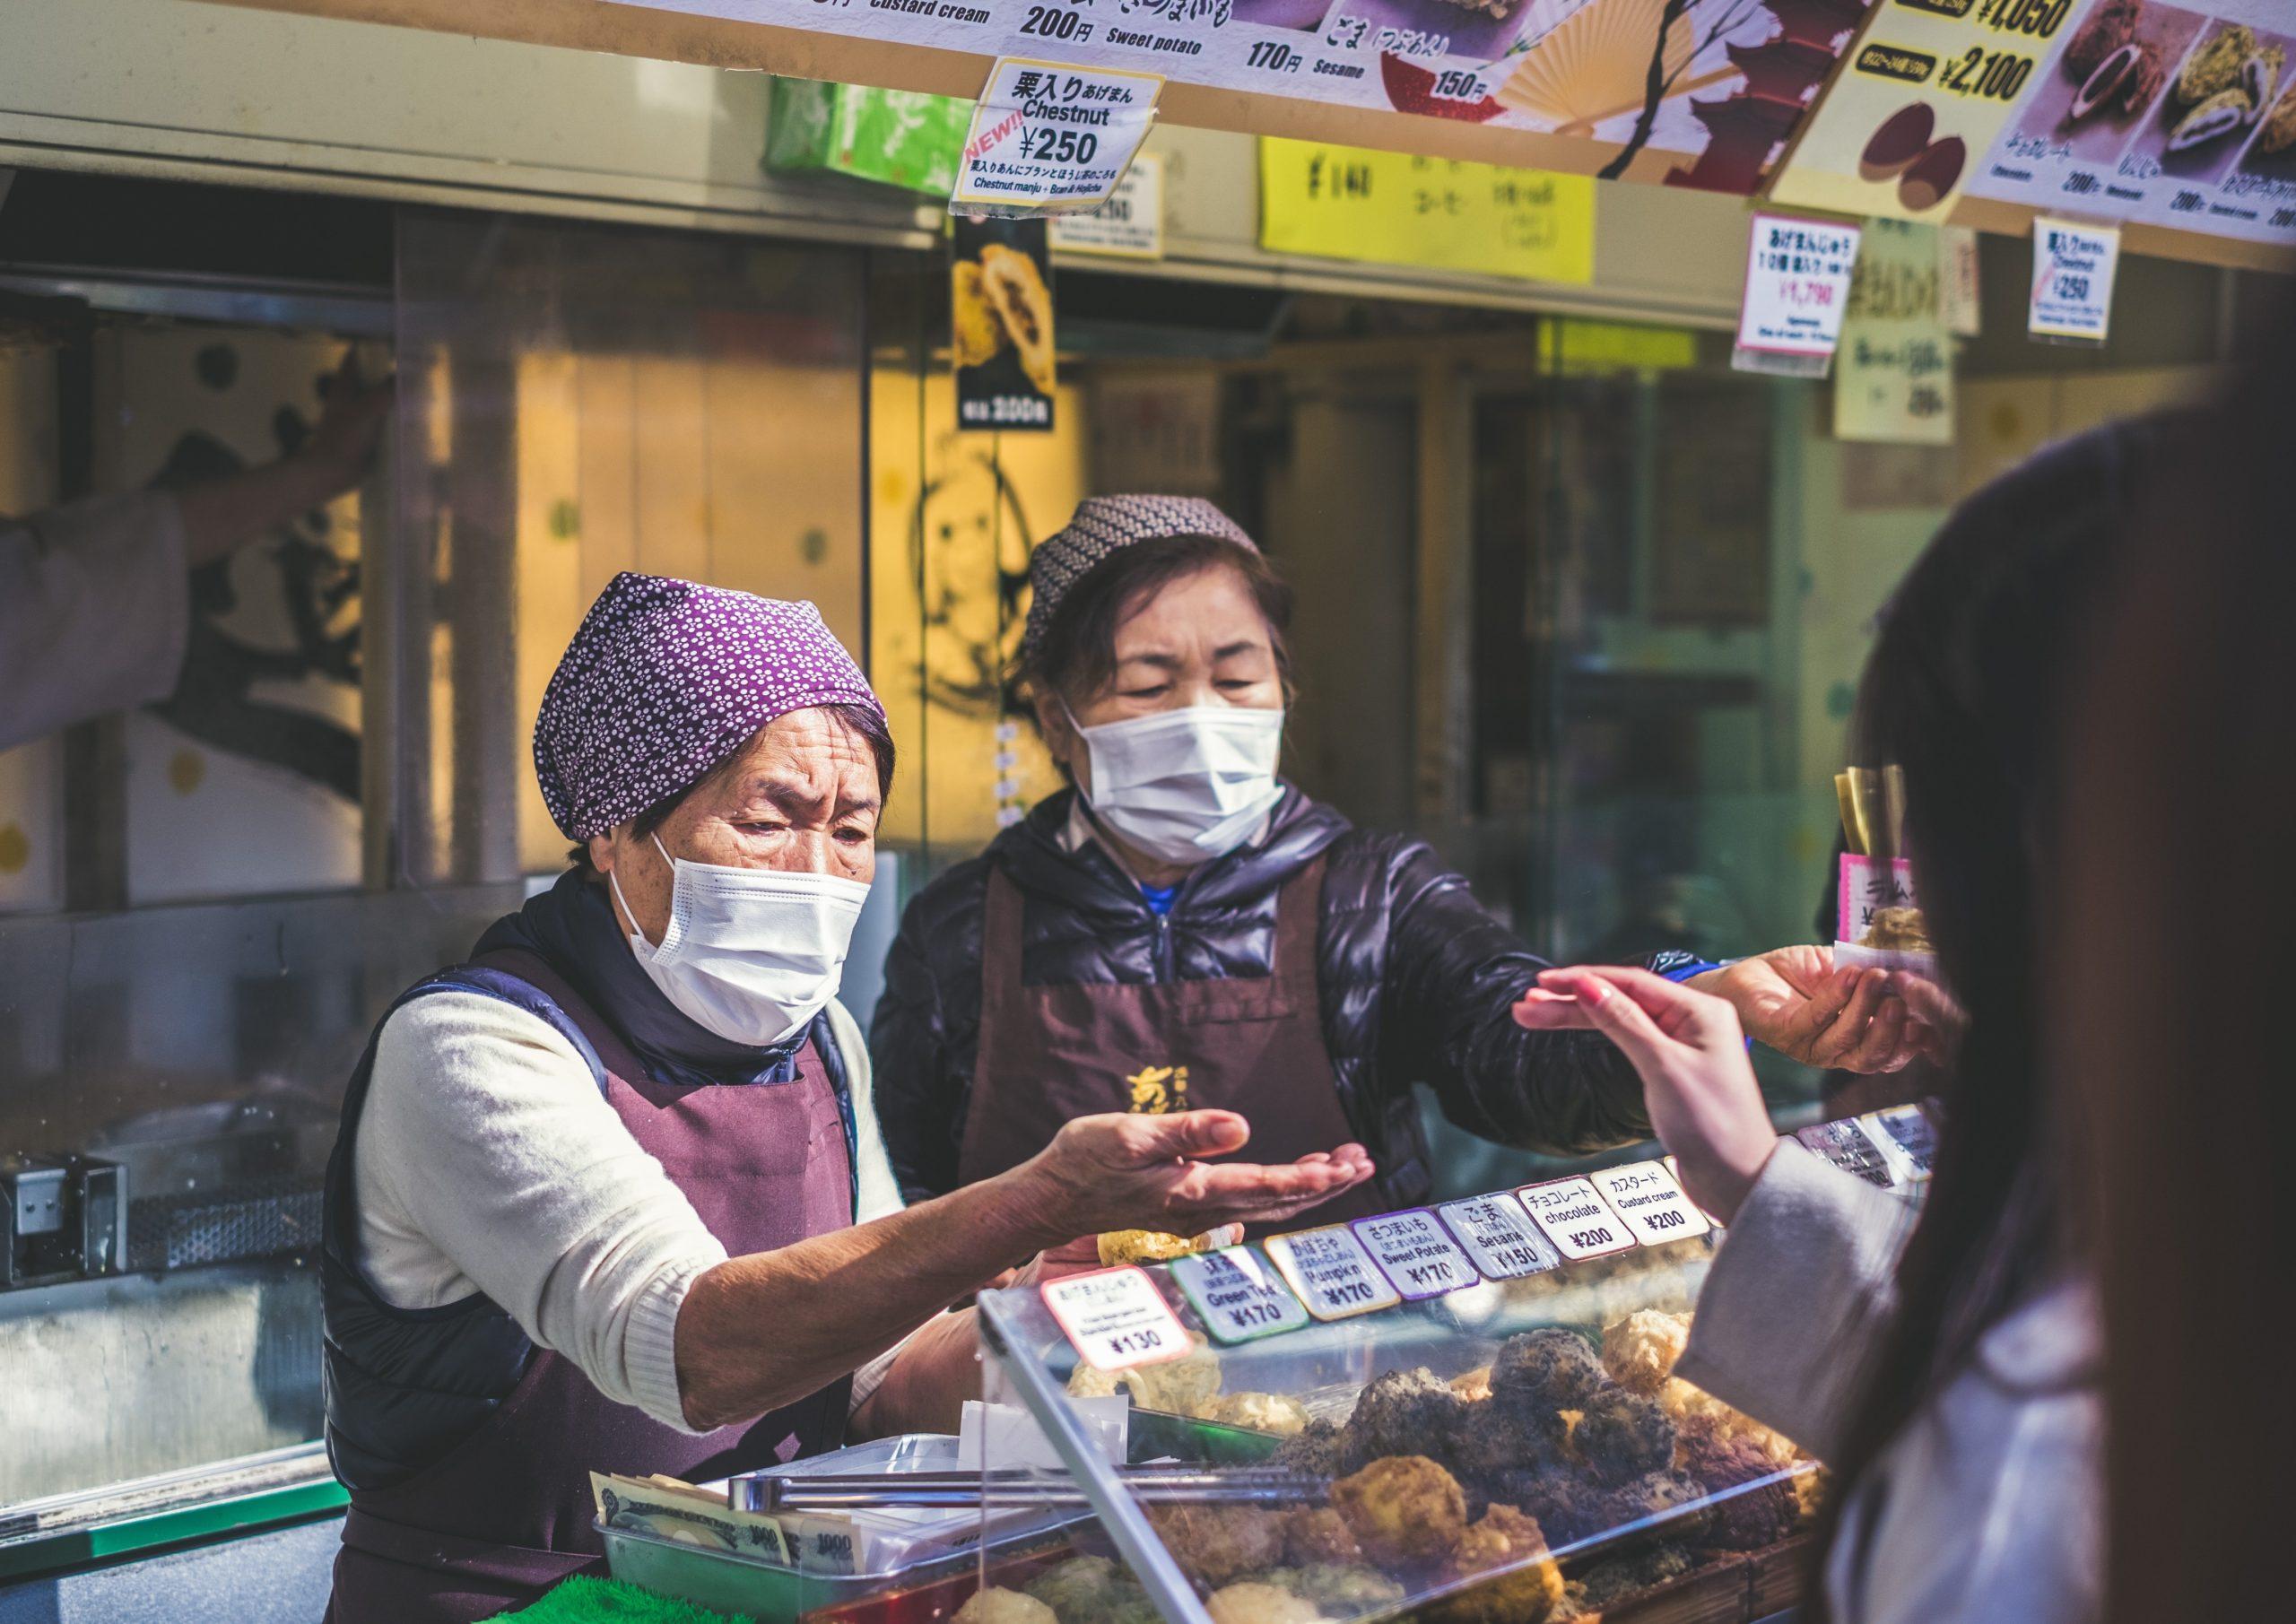 新型肺炎コロナウイルスの流行をみて顕正会活動家がやりがちなこと